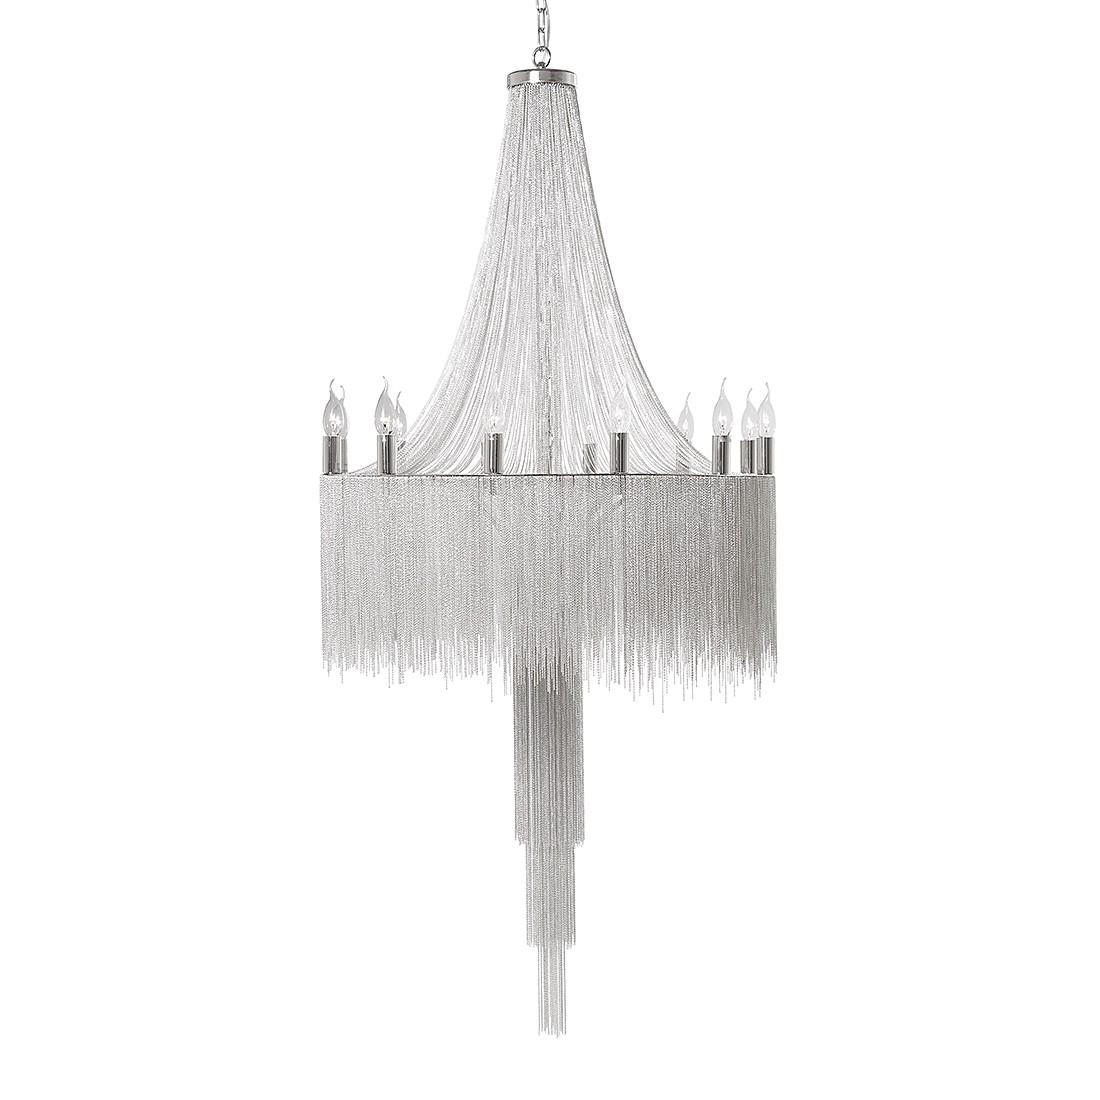 Haengeleuchte Chain Chandelier - Feine Metallketten, Kare Design